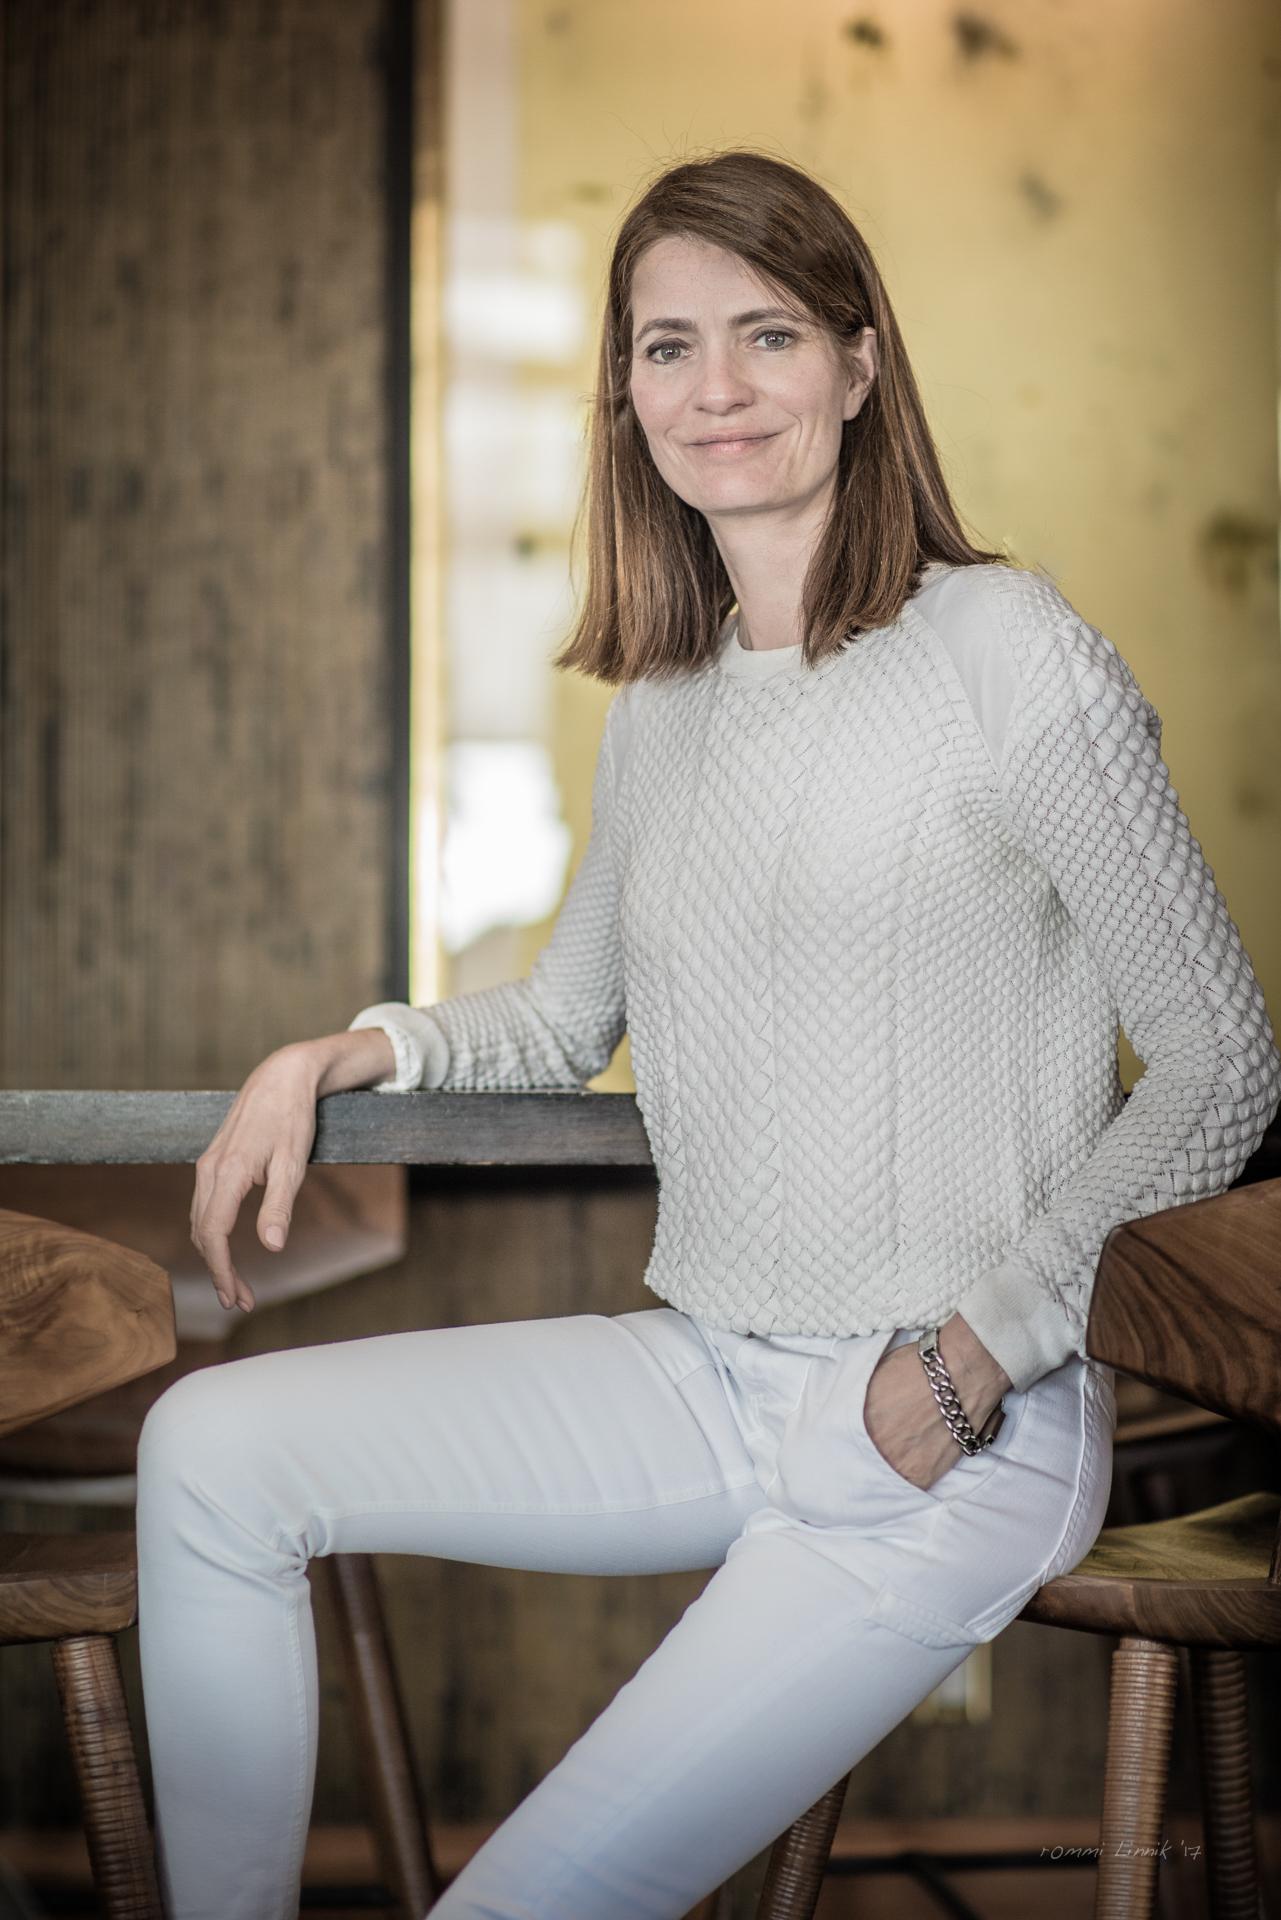 Photo by Rommi Linnik for Joliegazette.